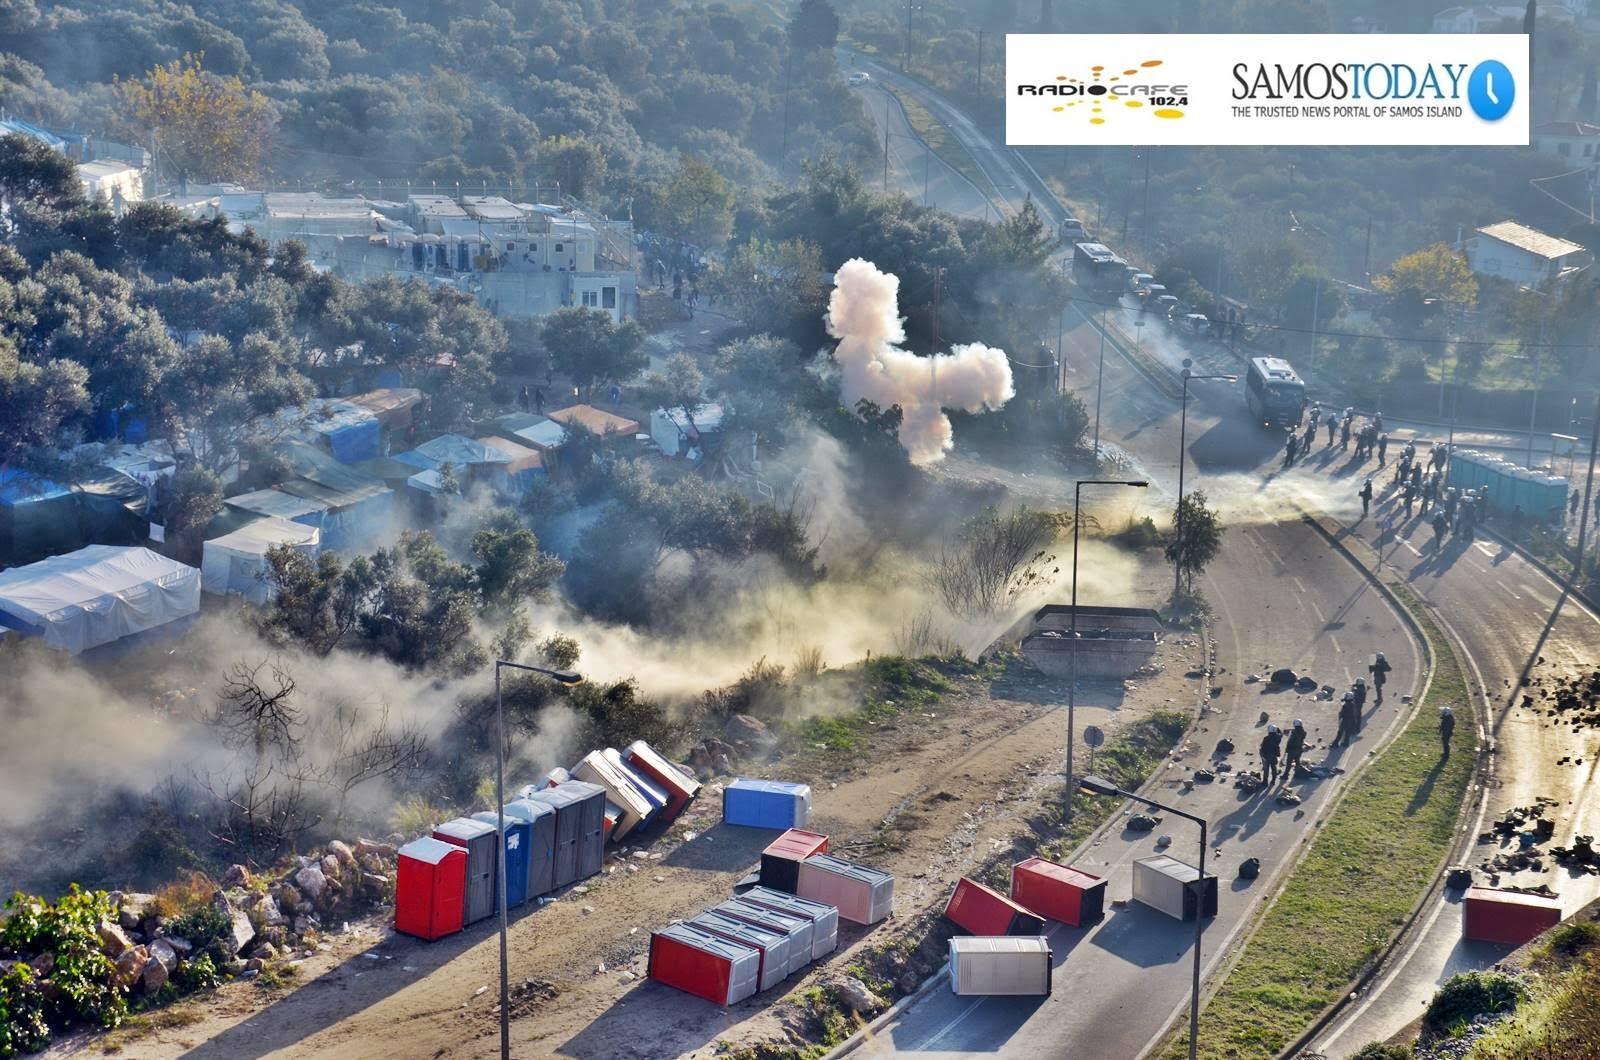 Απετράπη διαμαρτυρία μεταναστών έξω από το ΚΥΤ Σάμου. Πετροπόλεμος και χημικά μεταξύ αυτών και αστυνομικών